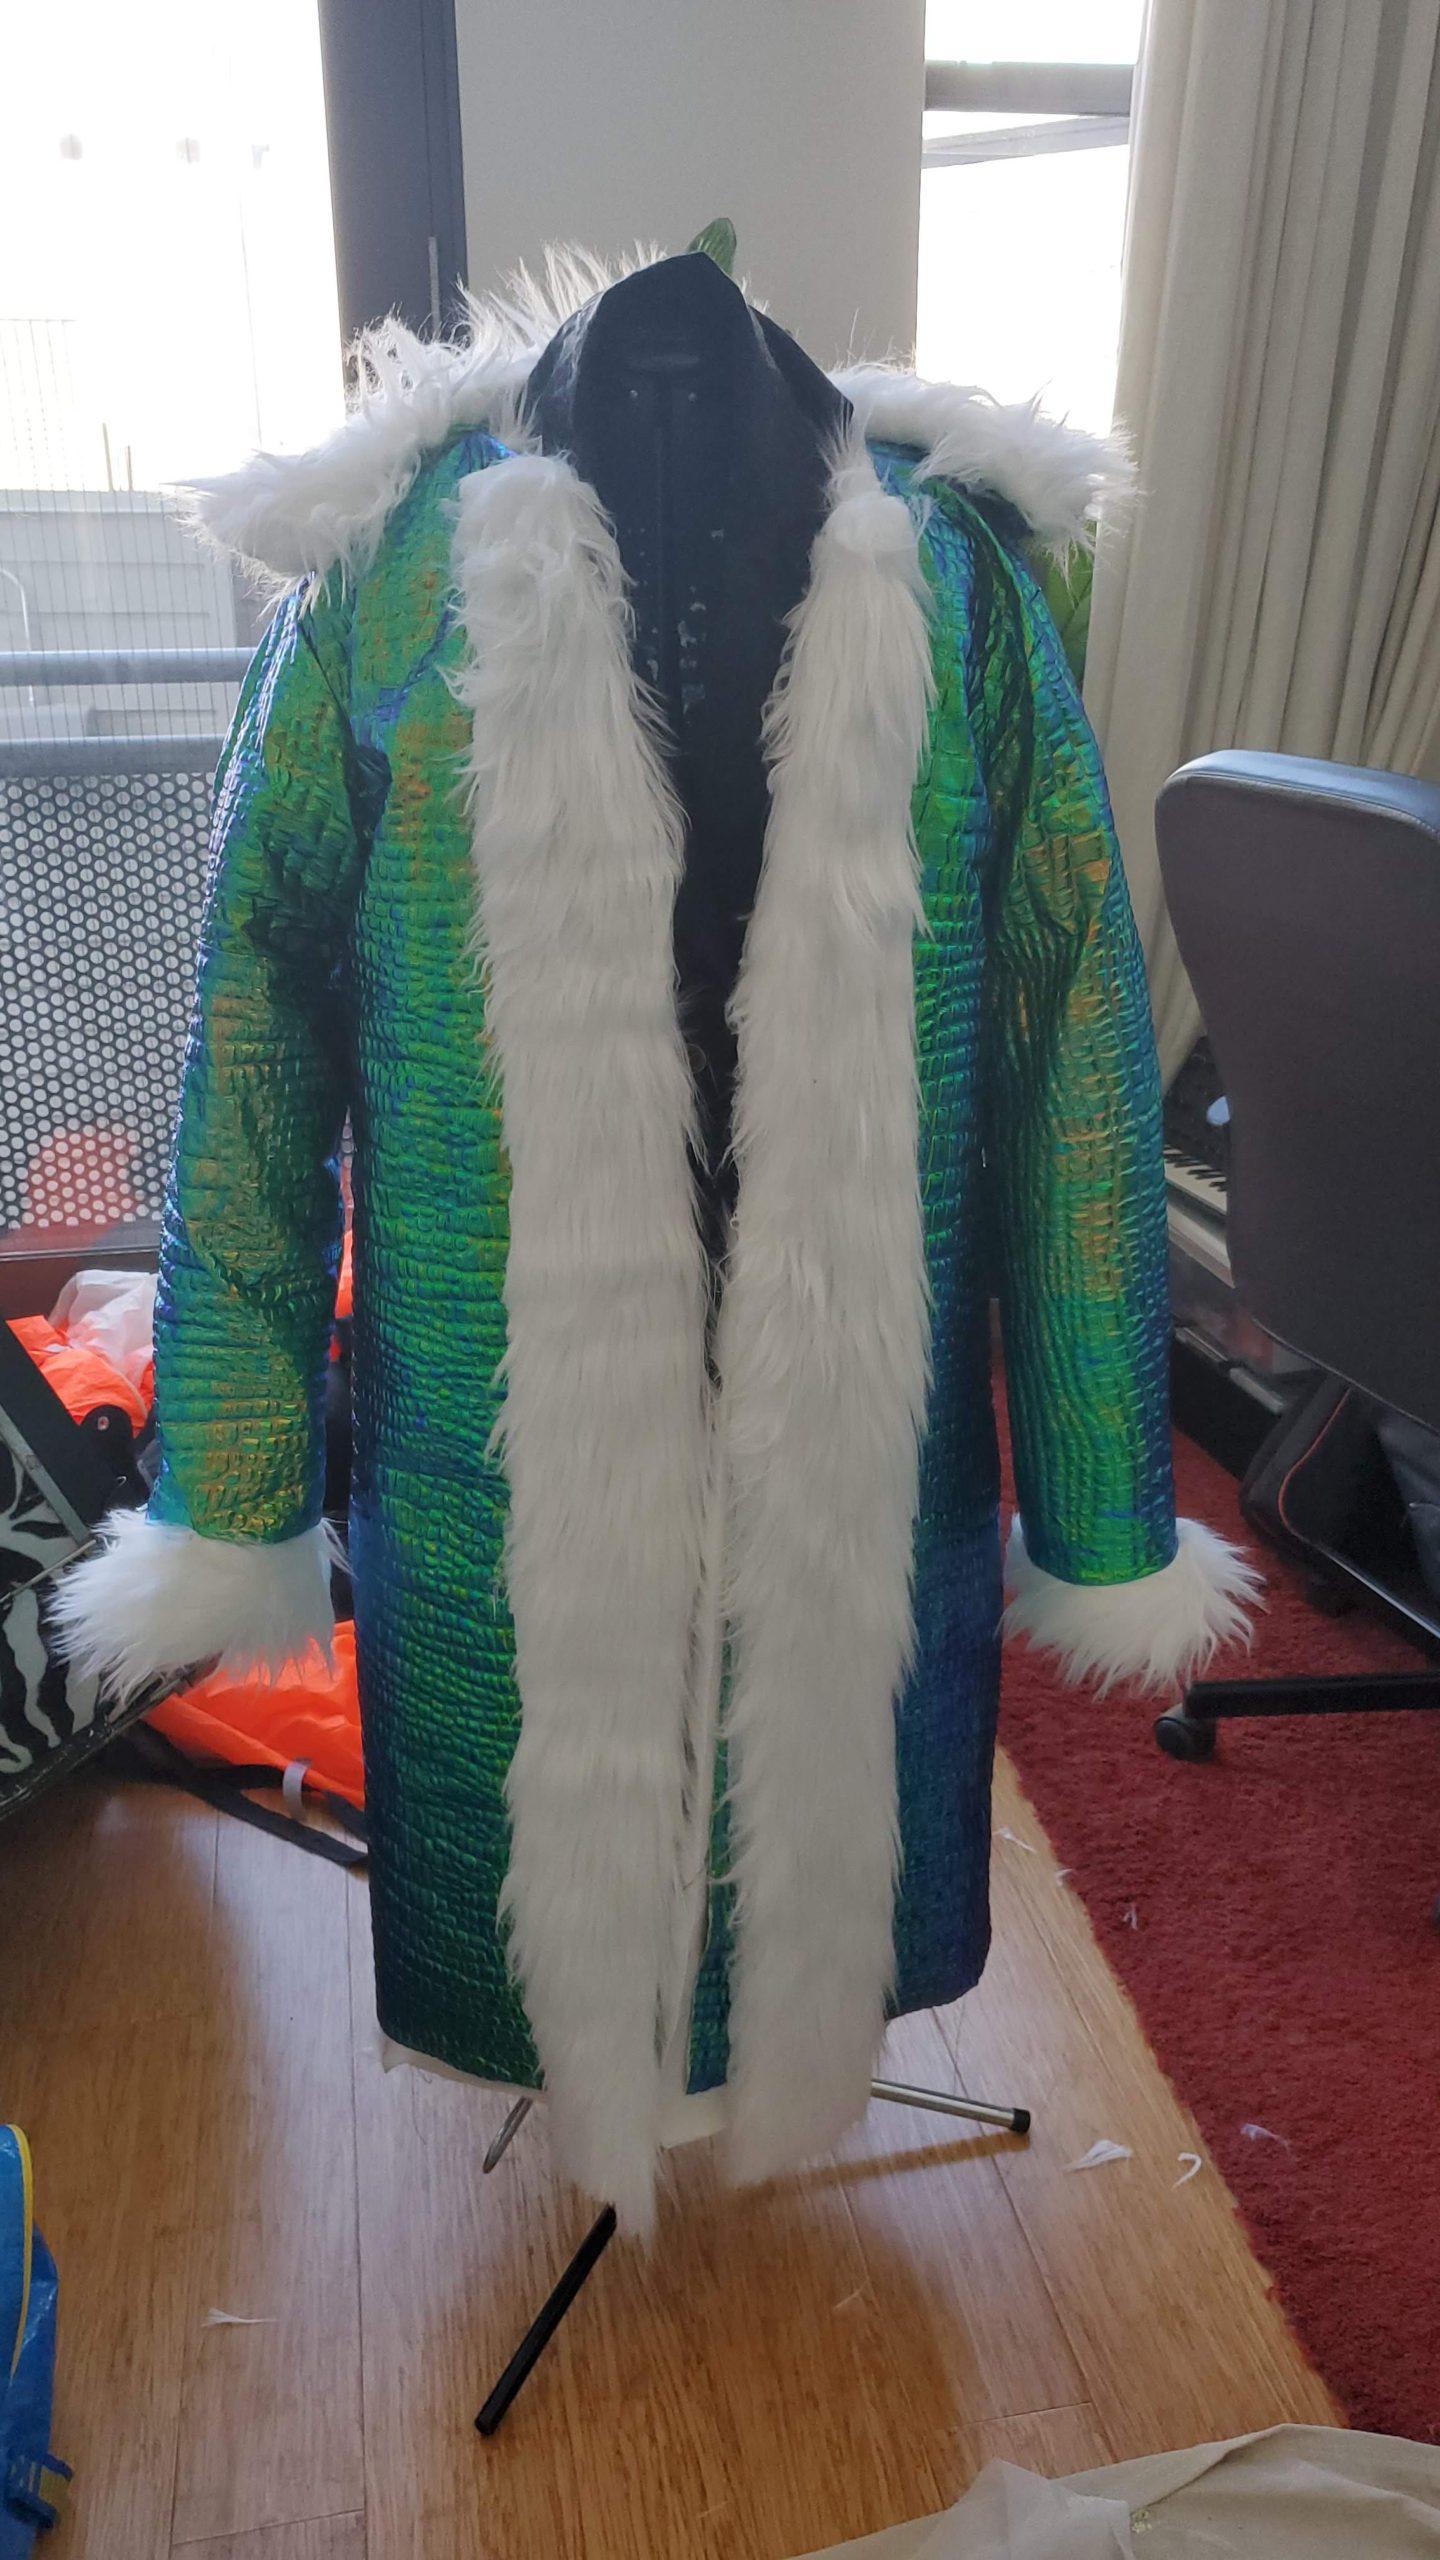 burning man custom coat, burning man fur coat, burning man custom fur coat